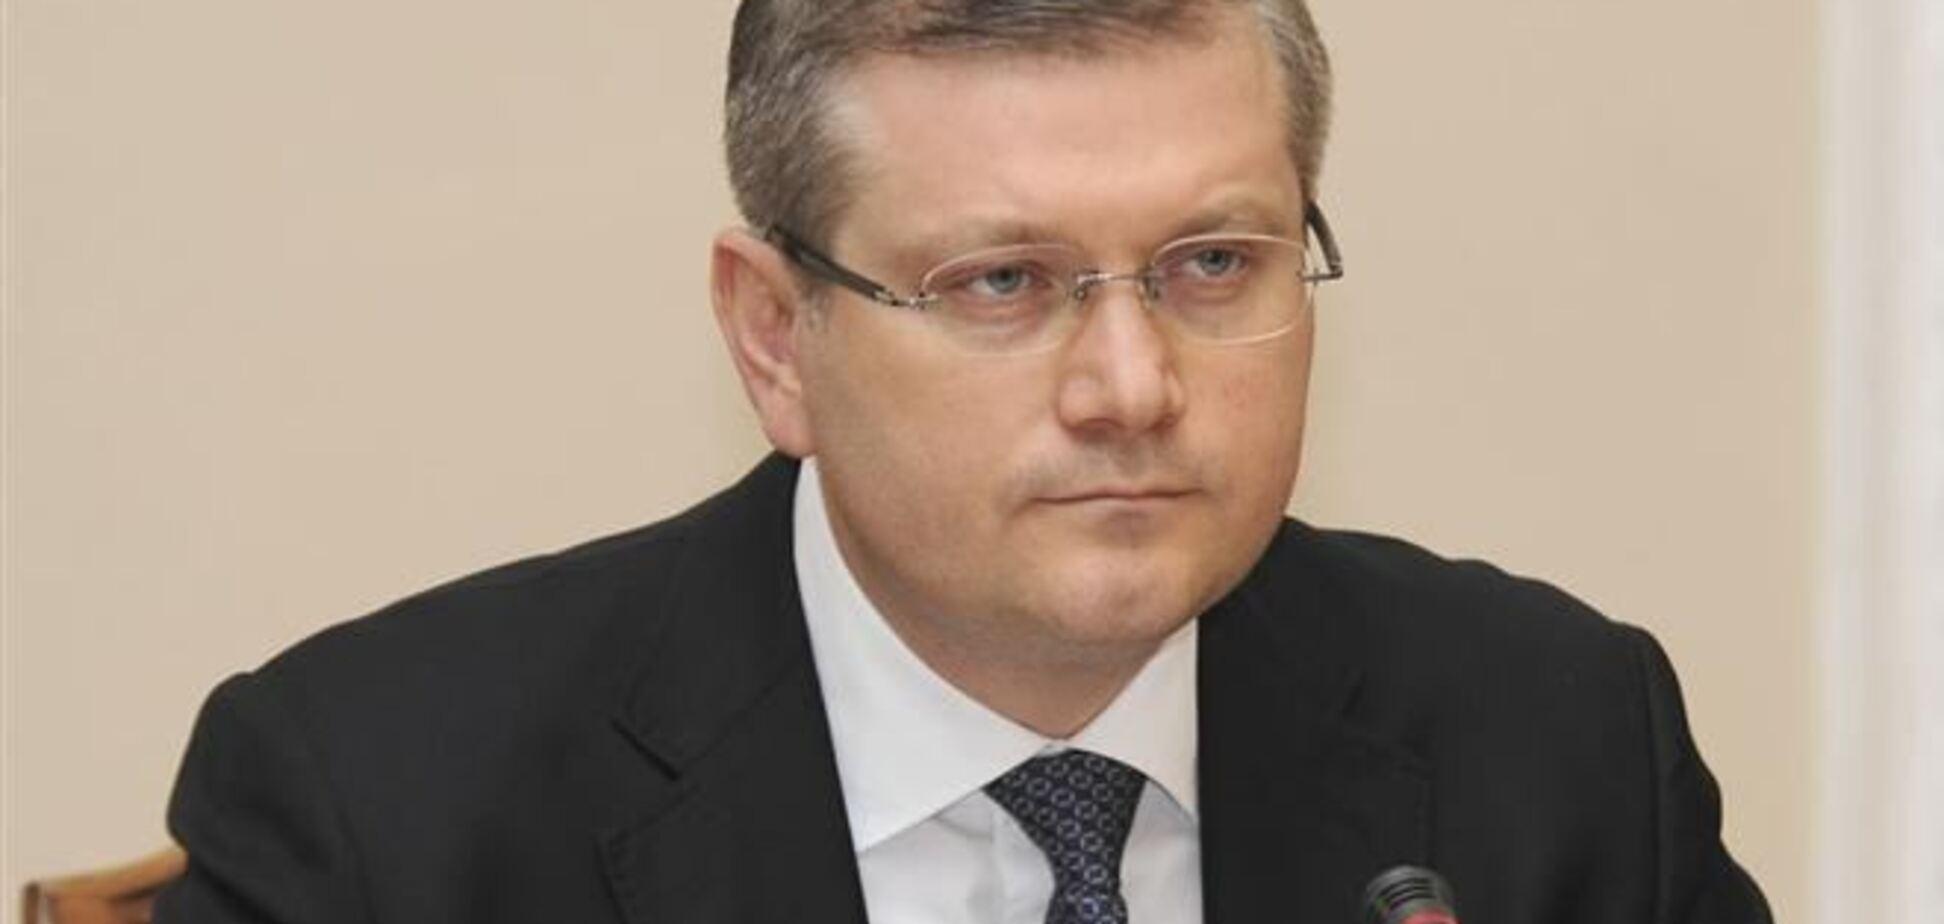 Правительство предоставит по 100 тыс. грн семьям погибших в пожаре на ювелирном заводе в Харькове, - Александр Вилкул